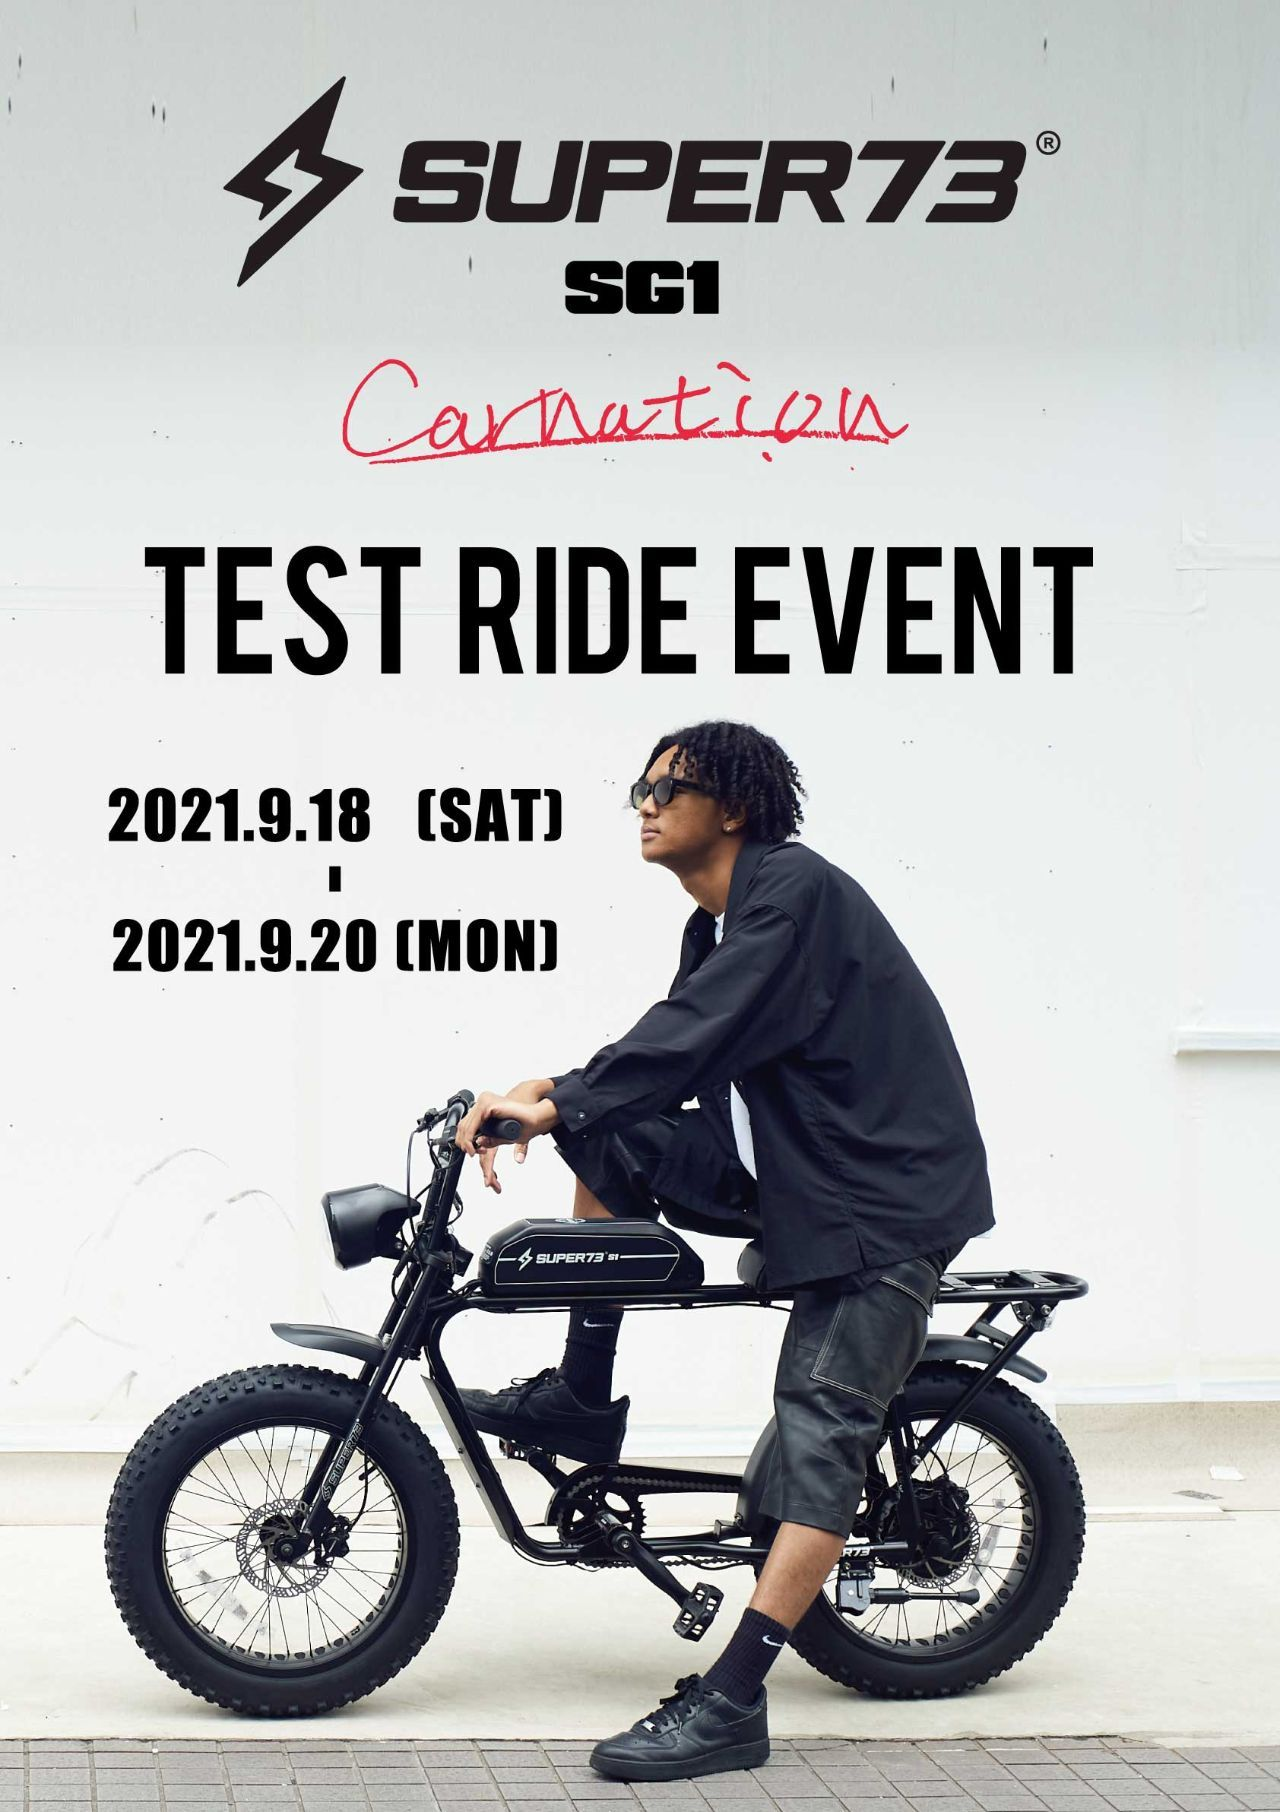 SUPER73  TEST RIDE EVENT  at. Carnationの写真